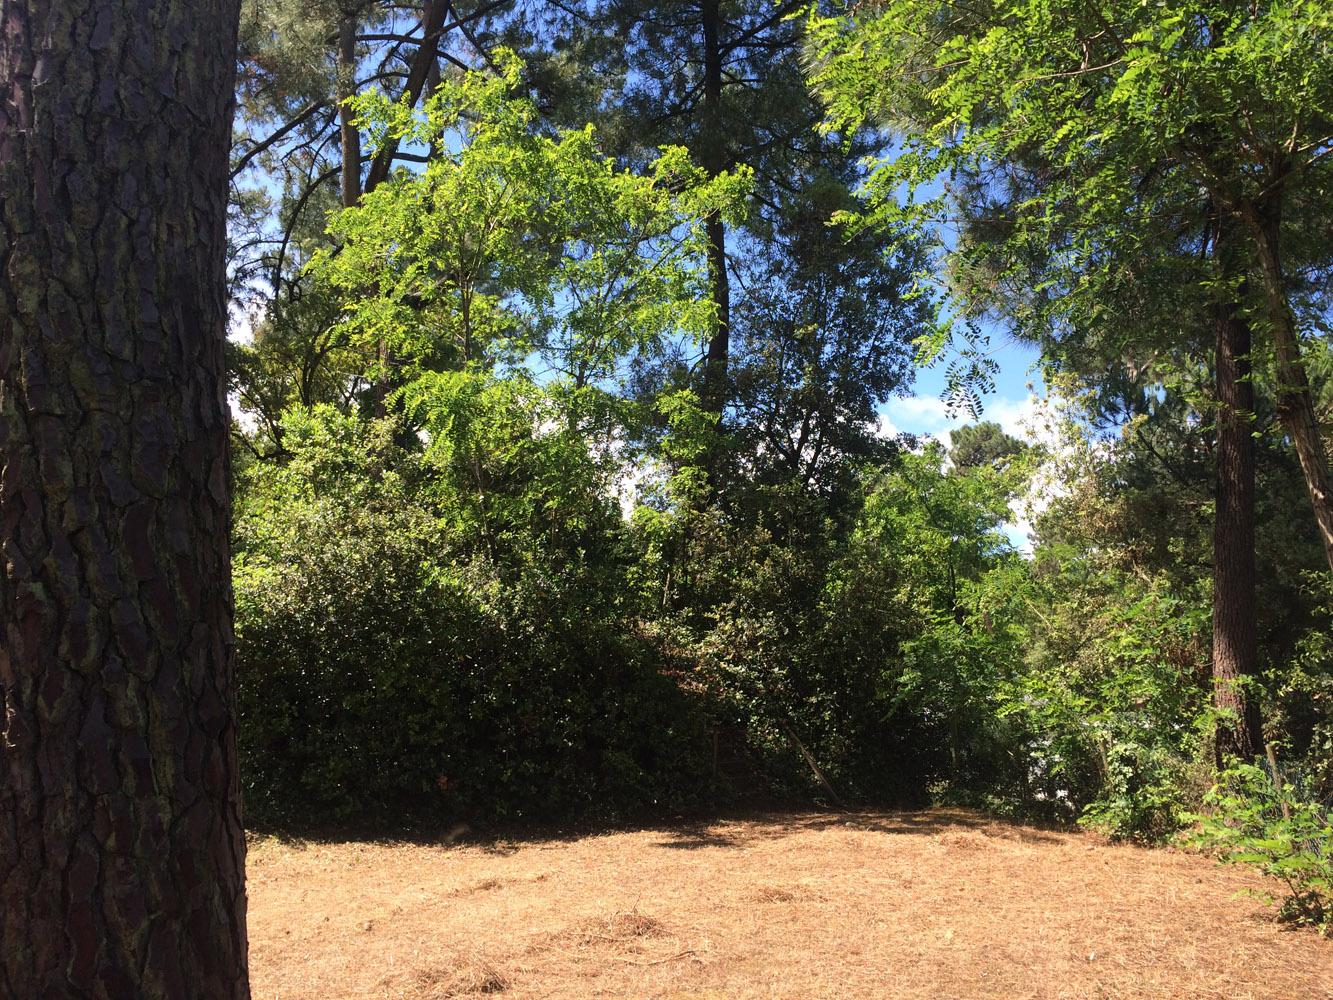 Emplacement Tente Forêt  Camping pitches Royan, Charente  ~ Bois Soleil Saint Georges De Didonne